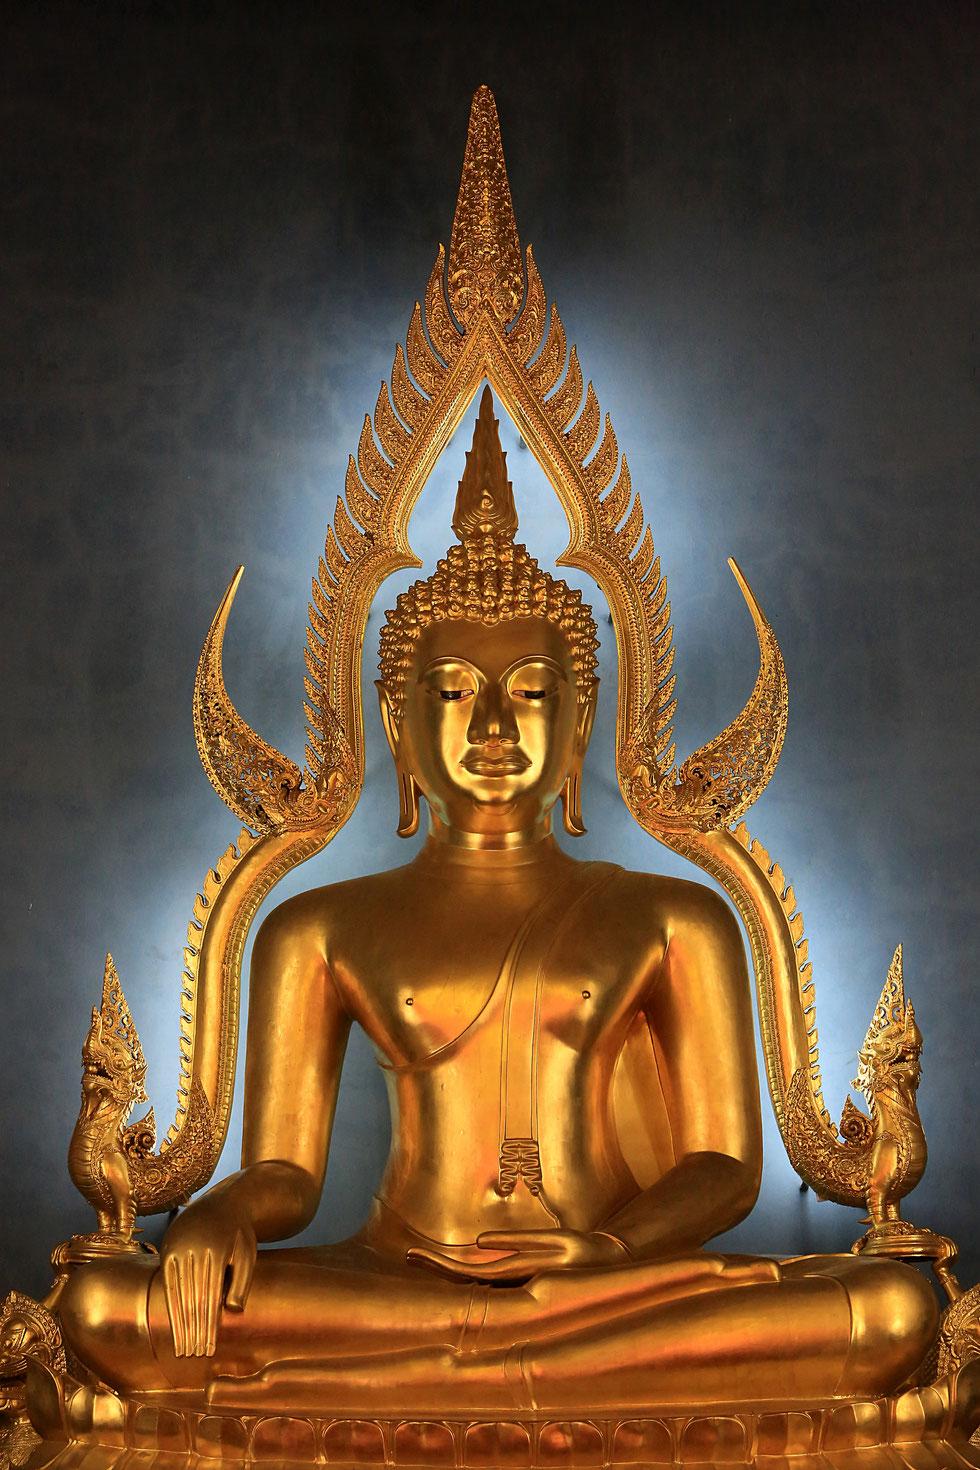 Réplique du  Bouddha de Chinarat du wat Phra Sri Rattana Mahathat dans la province de Phitsanulok. Temple de marbre. Wat Benchama Bophit. 1899. Bangkok.